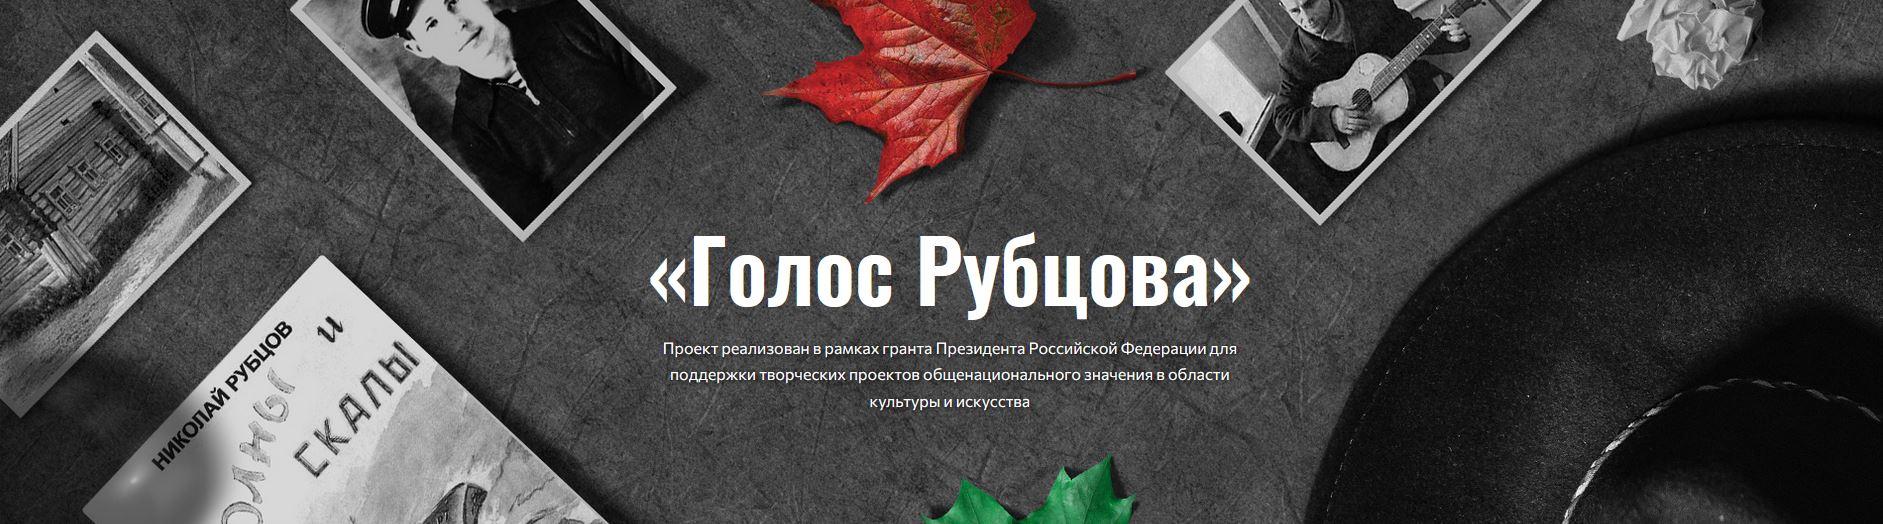 Банер сайта Голос Рубцова